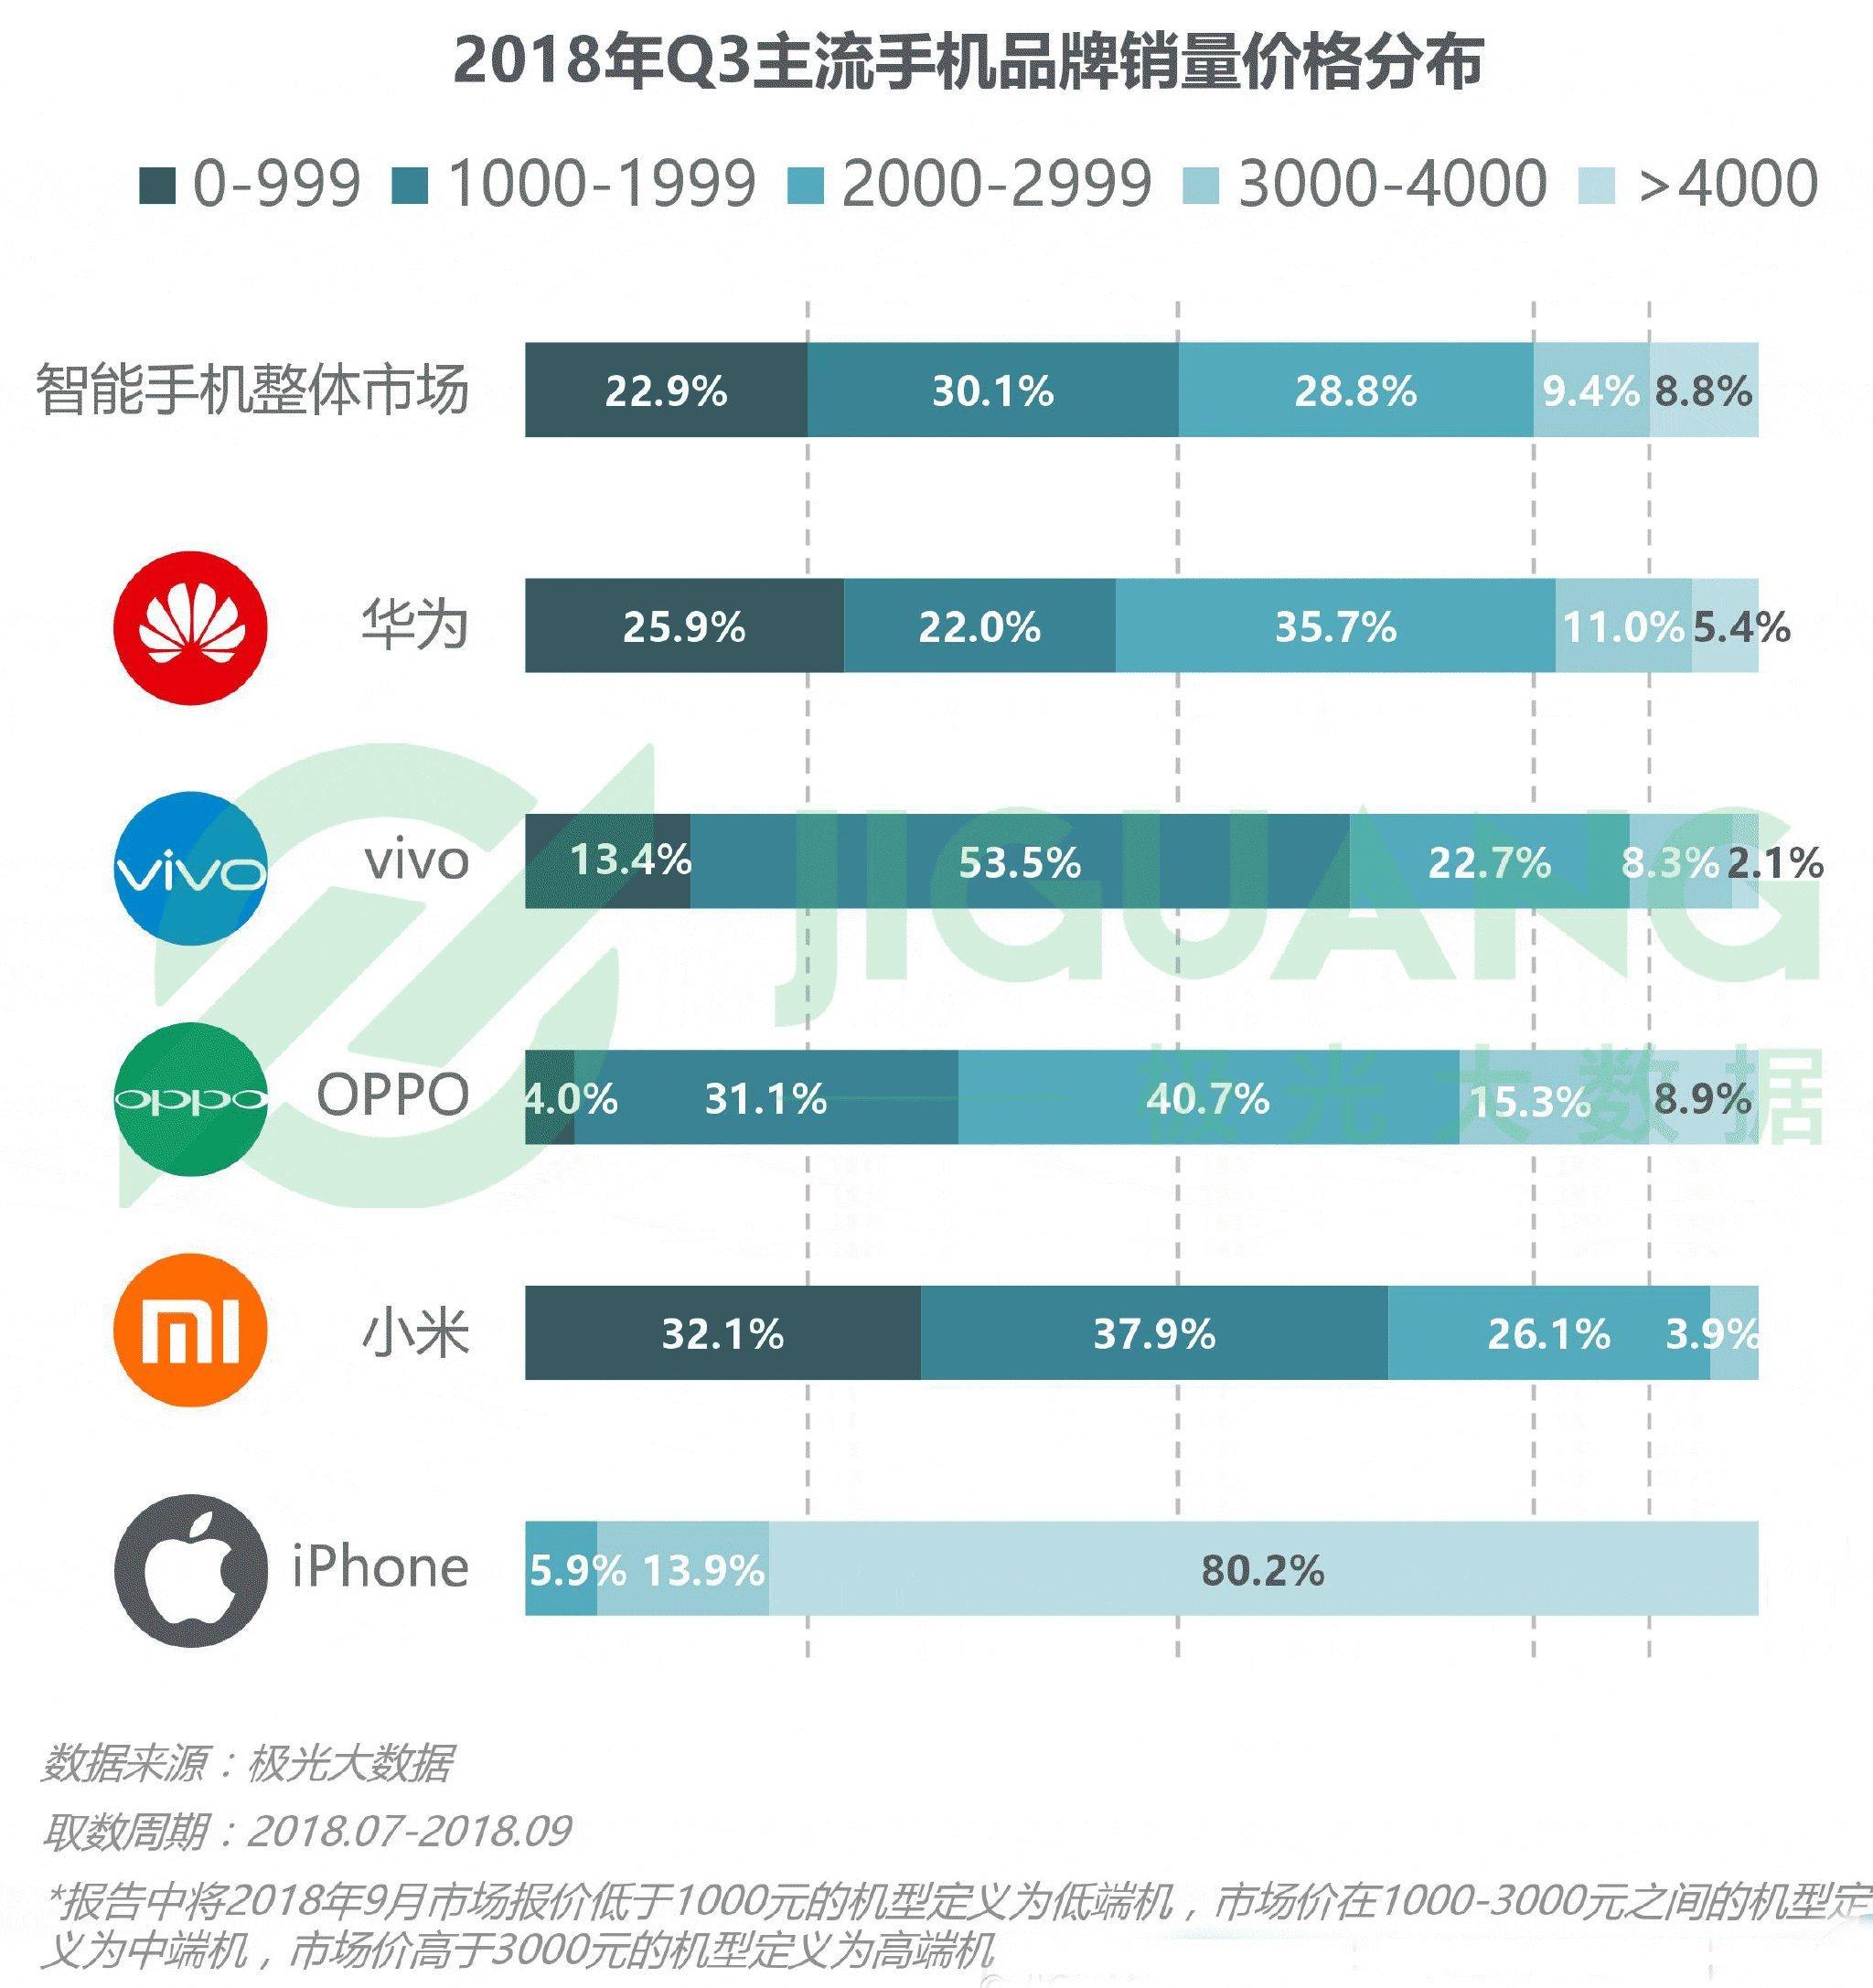 销量超越iPhone:华为手机更上层楼还需什么?  移动互联  第6张